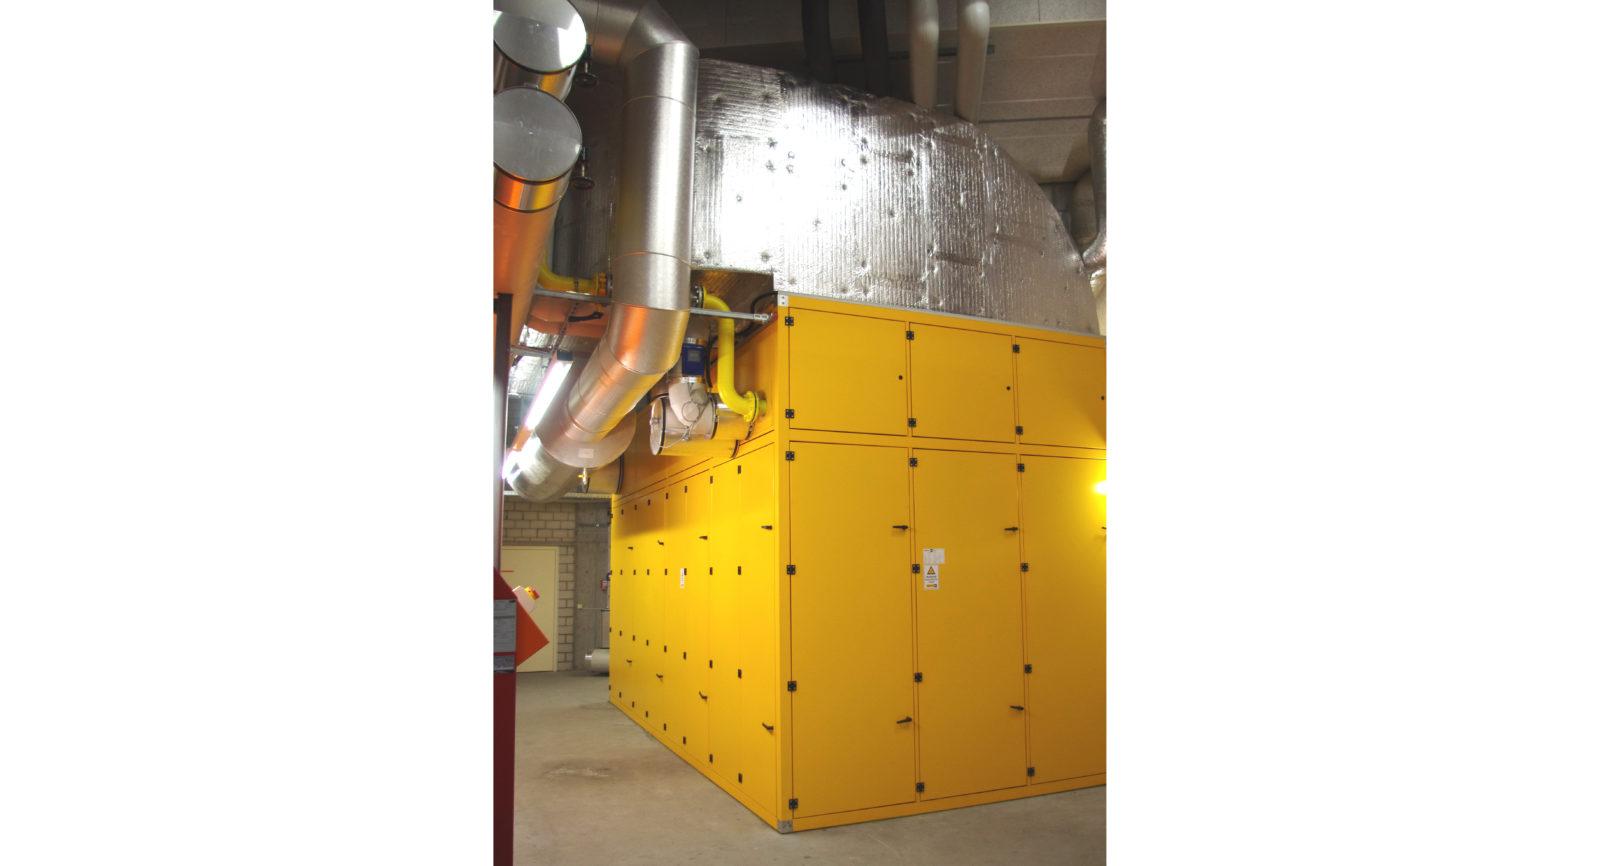 Das BHKW arbeitet mit Erdgas, das bereits heute einen Anteil von 15 Prozent Biogas enthält.